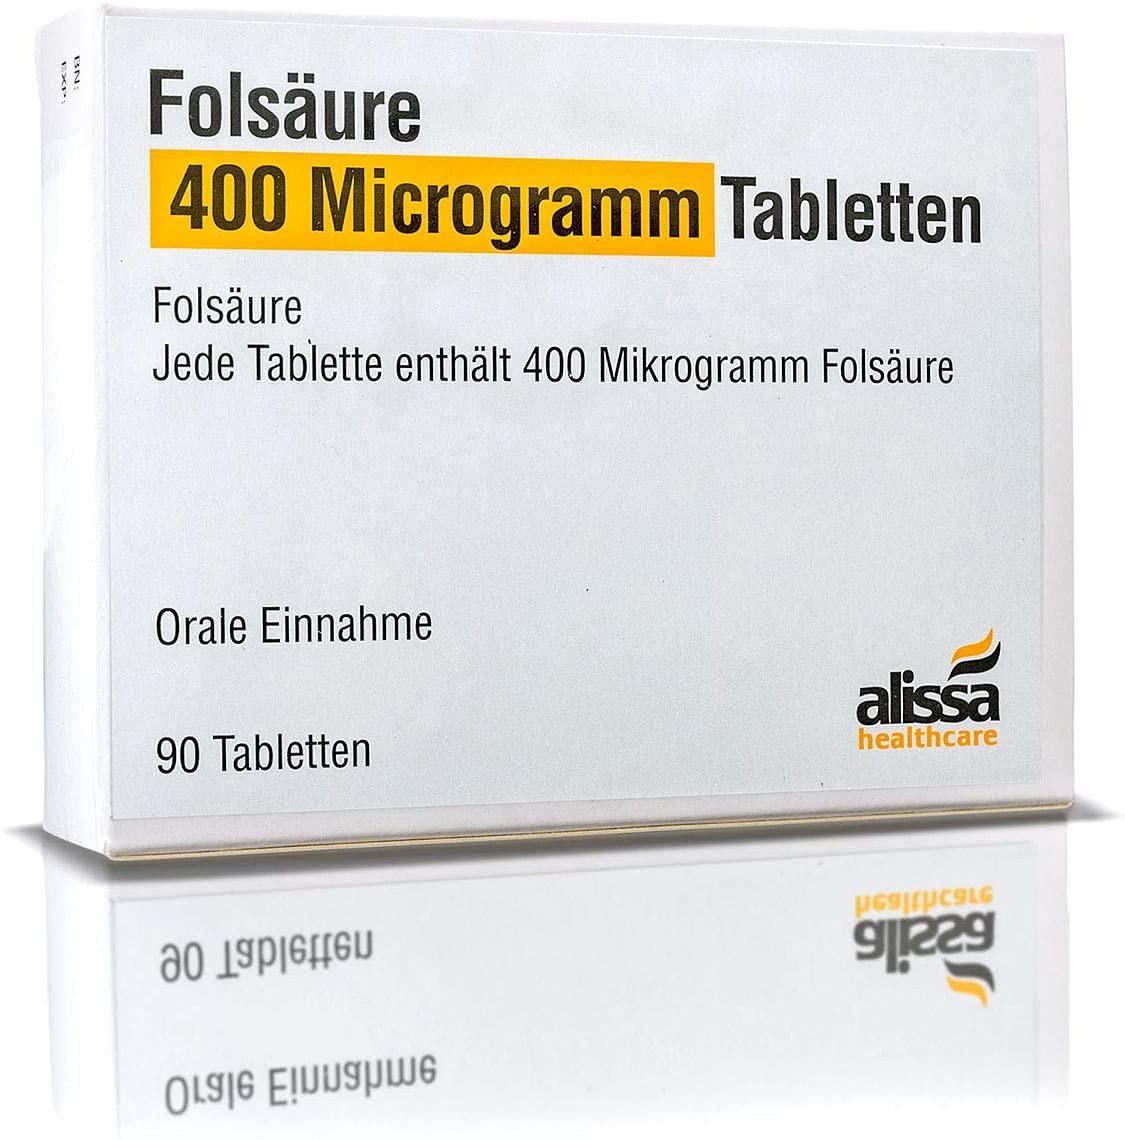 Folsäure Tabletten 90 Stück für Kinderwunsch und Schwangerschaft I Optimale Dosierung und hohe Bioverfügbarkeit I Besserer Schutz vor Neuralrohrdefekten I Vor und in der Schwangerschschaft_1